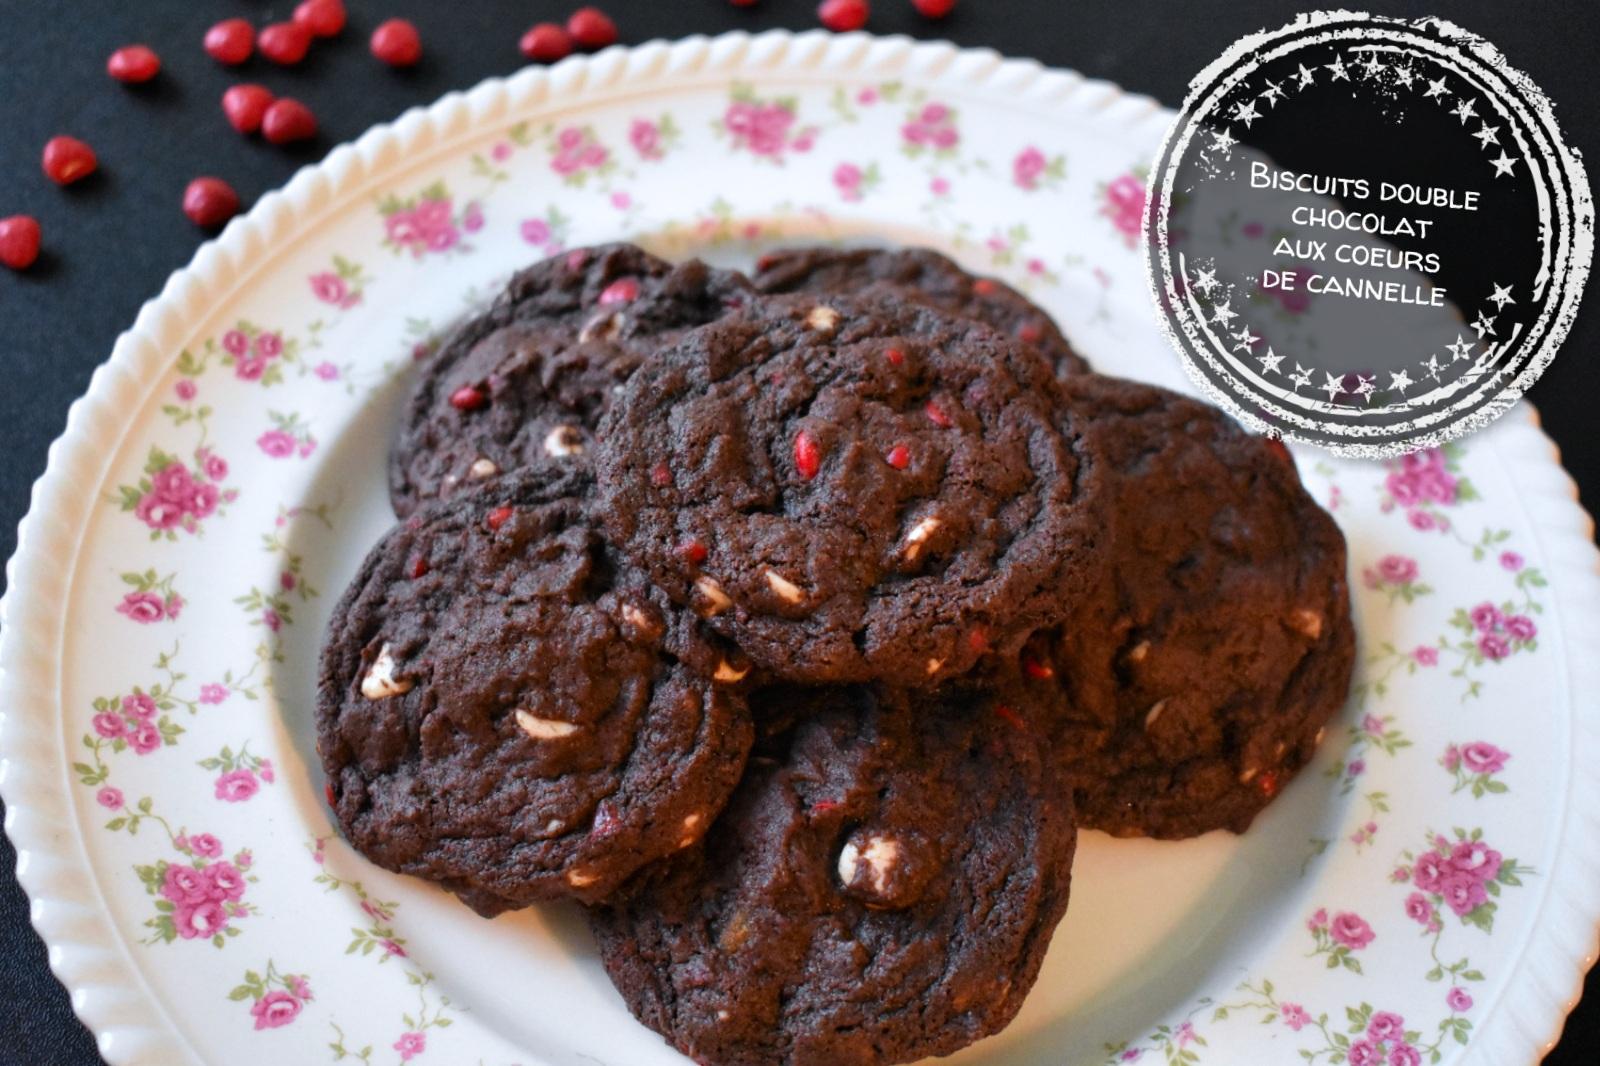 Biscuits double chocolat aux coeurs de cannelle - Auboutdelalangue.com